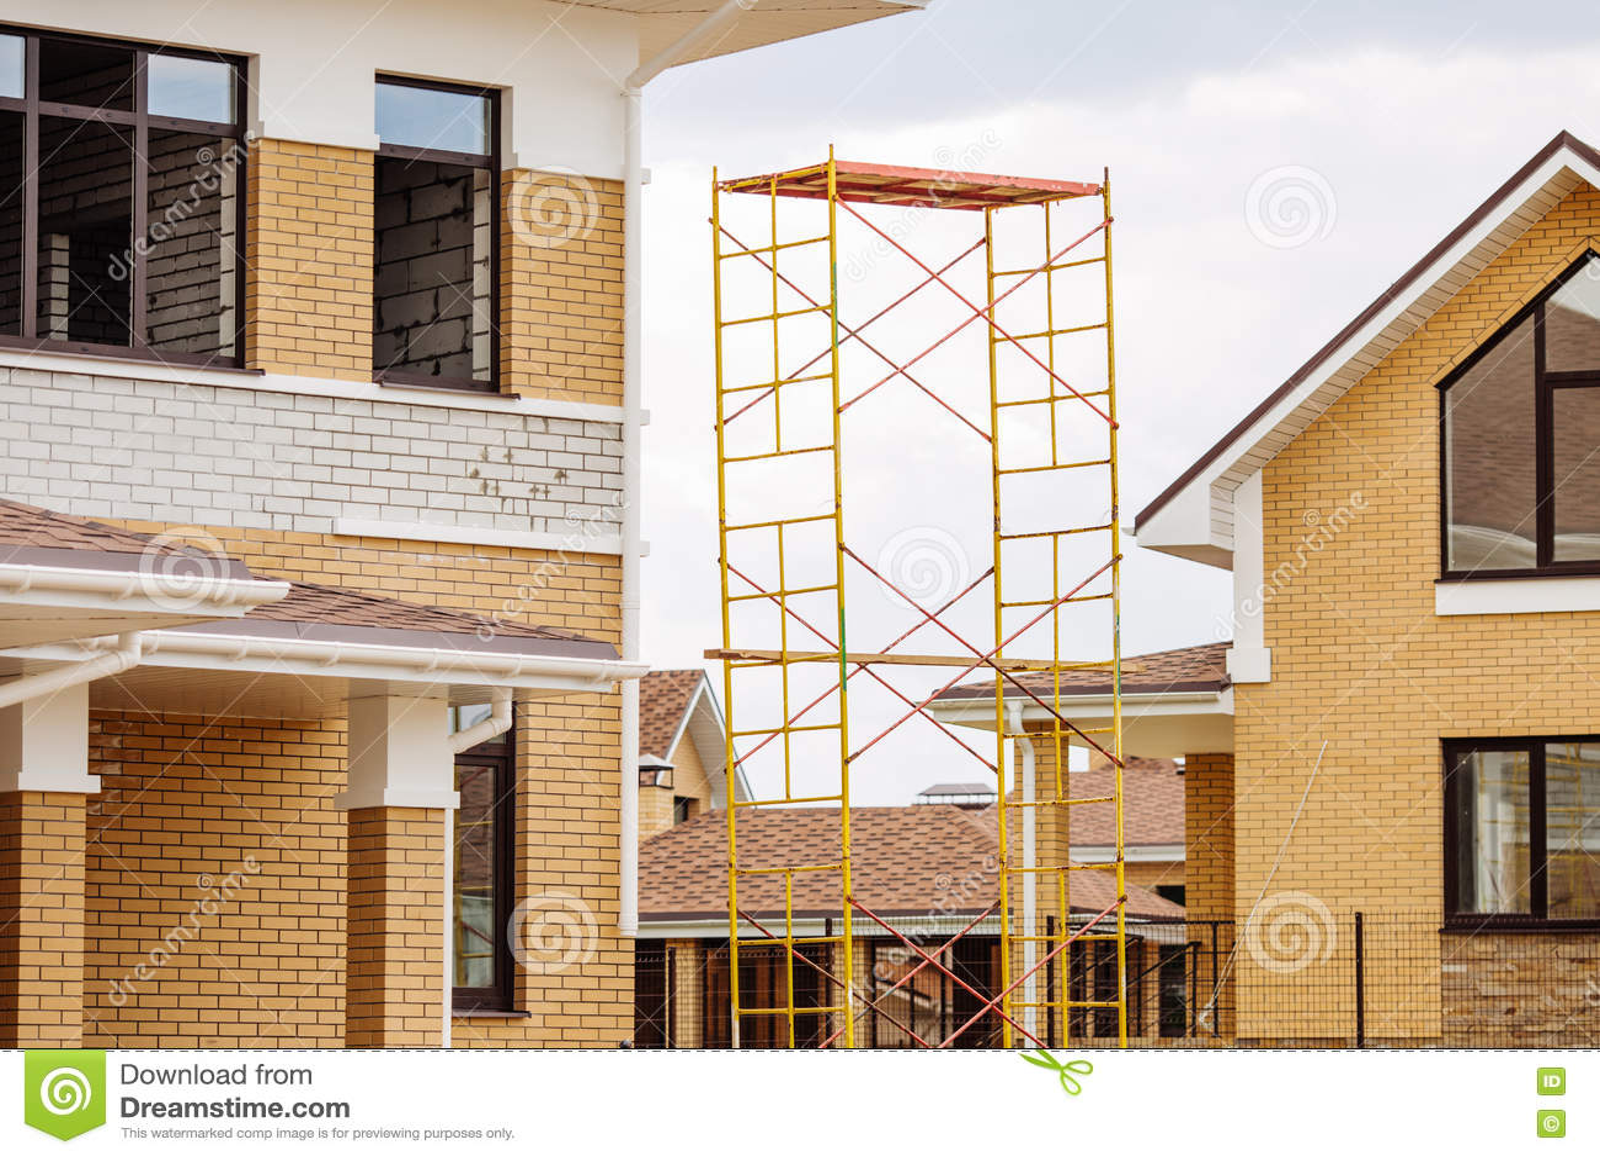 Oavslutat europeiskt hus av tegelsten, fortfarande under konstruktion